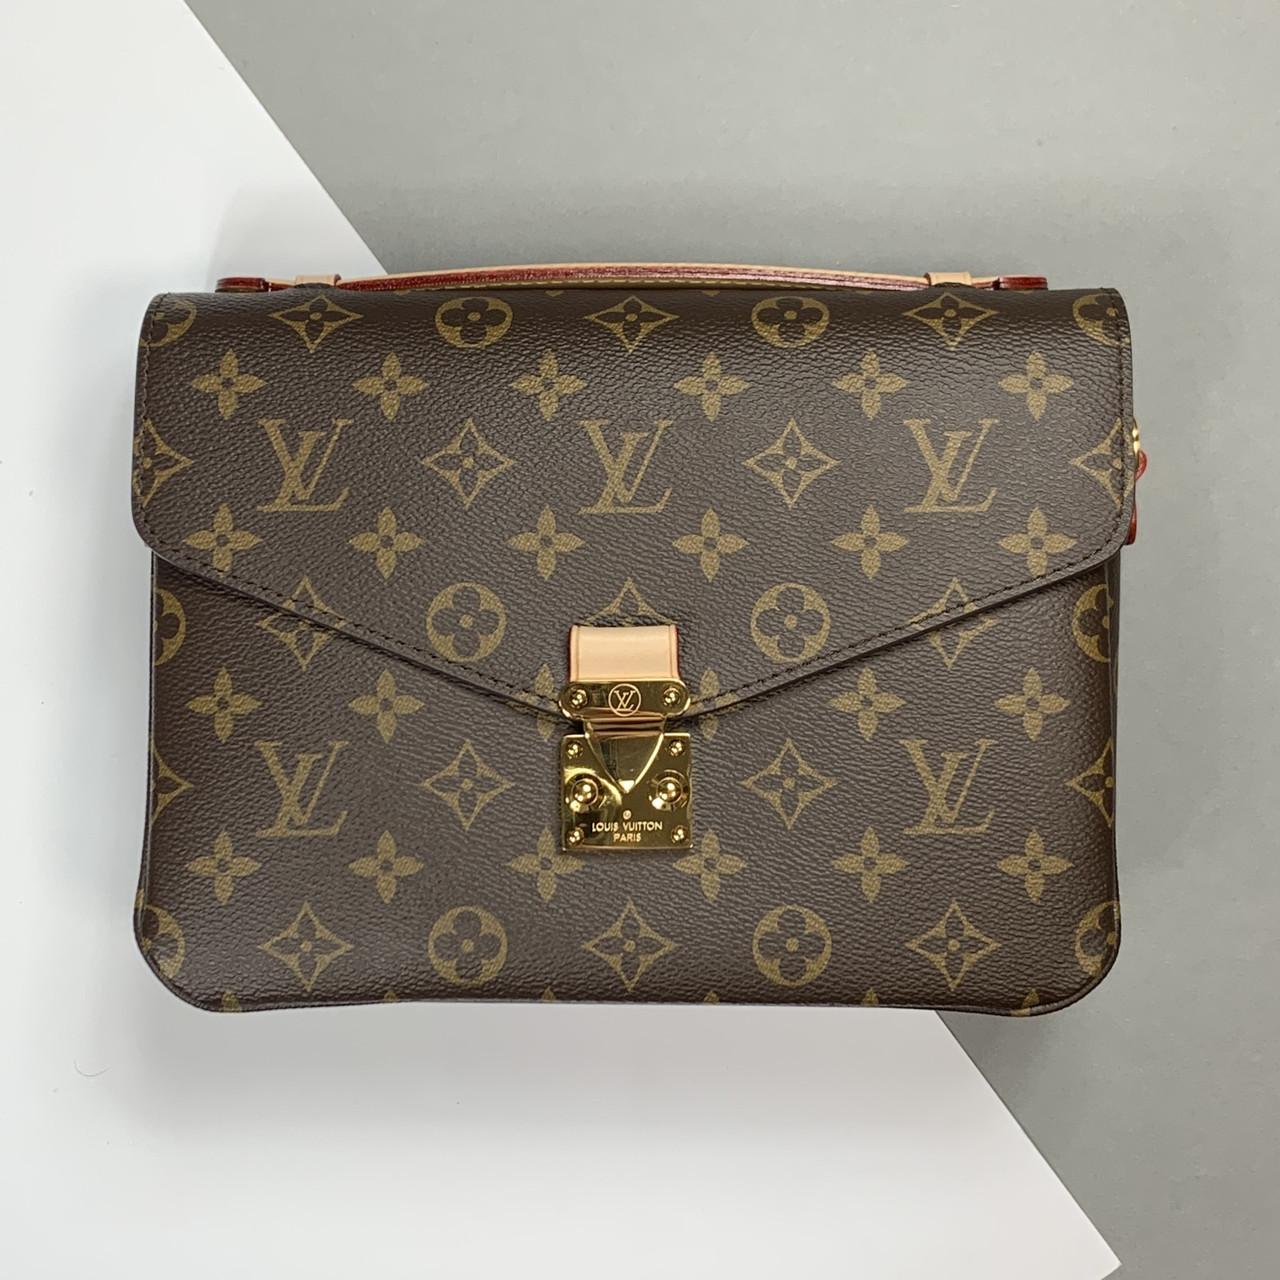 Сумка Louis Vuitton Pochette Metis (Луи Виттон Пошет Метис) арт. 03-428